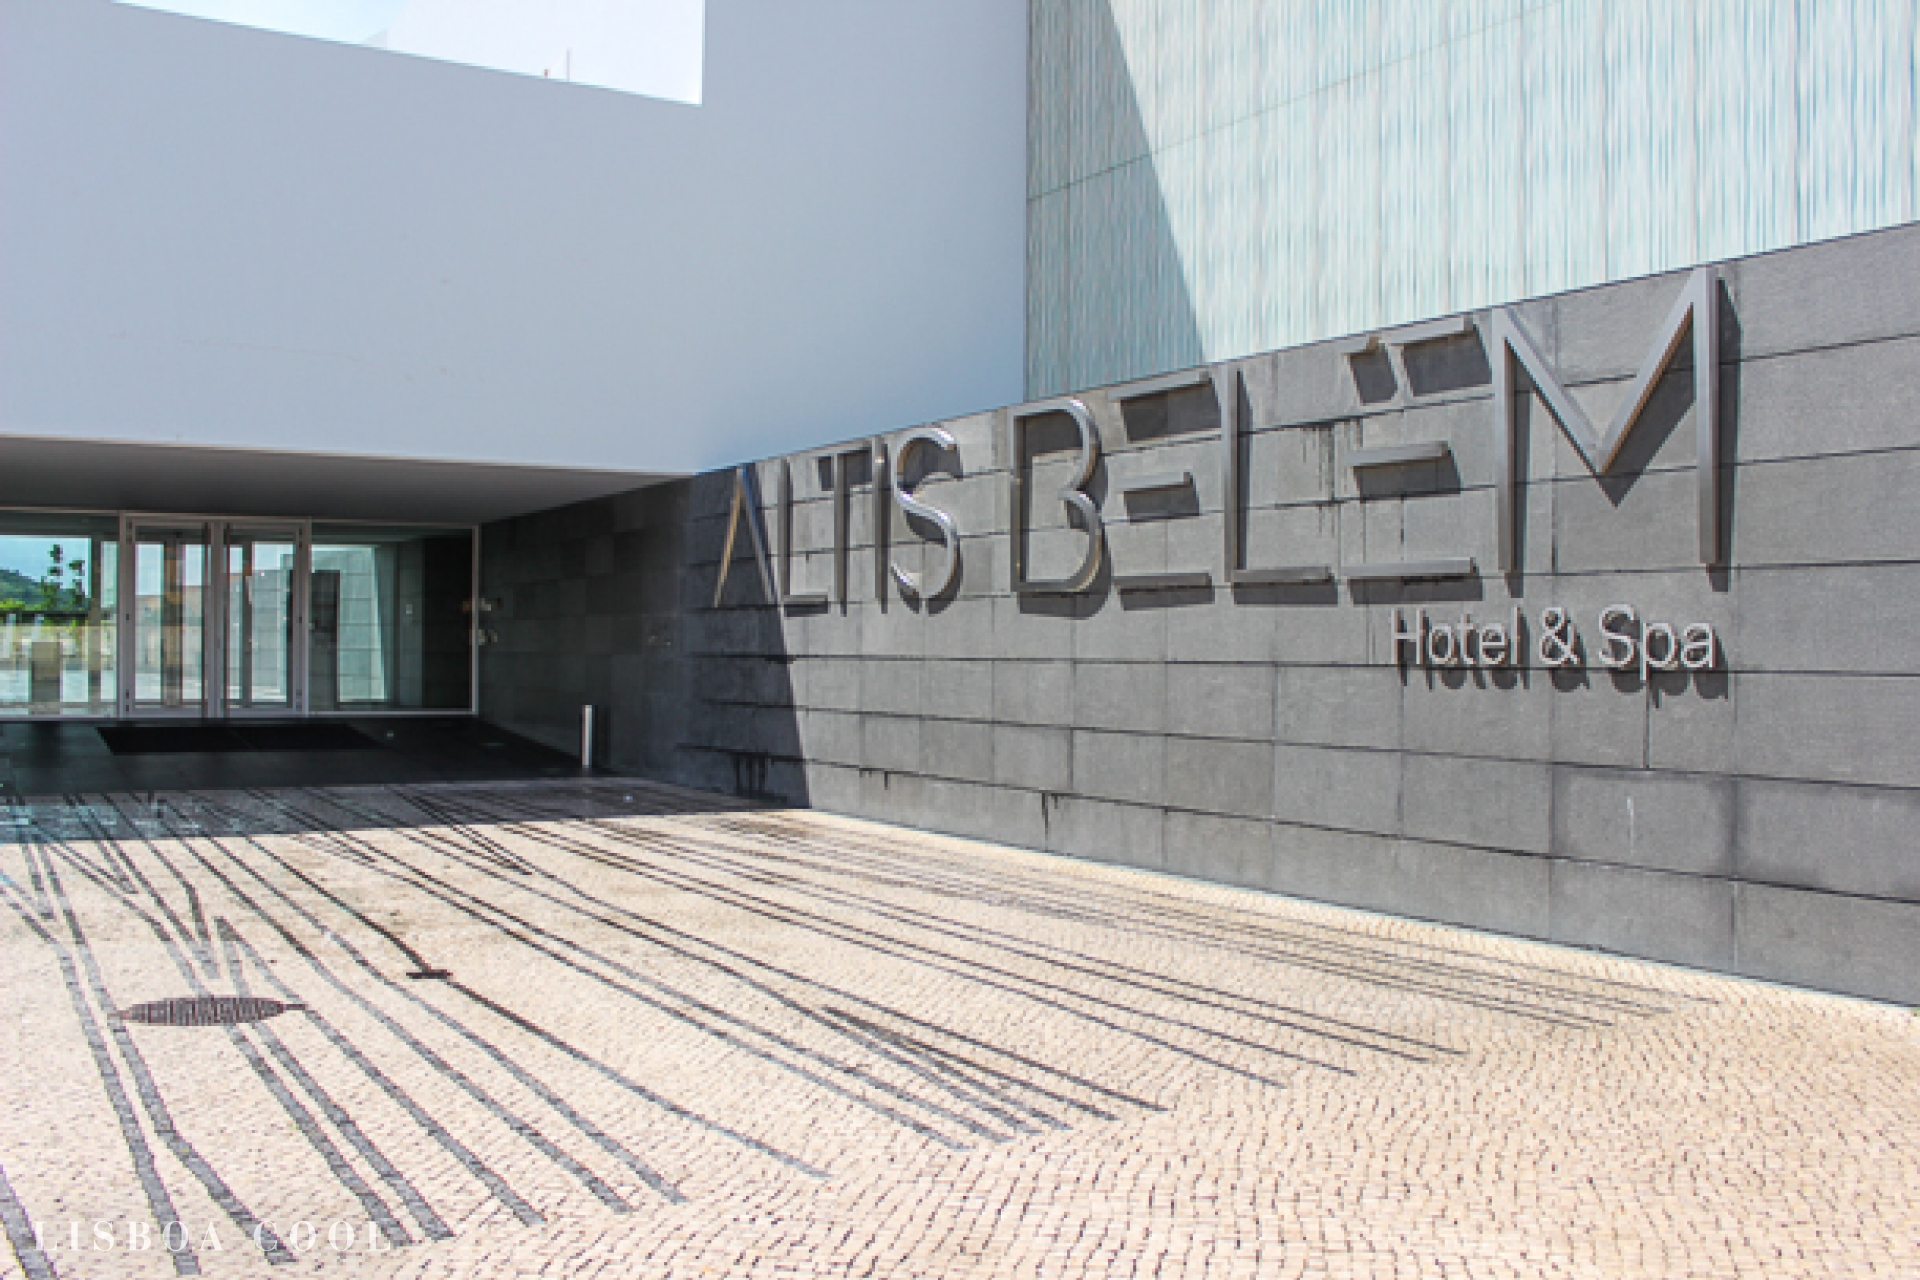 Altis Belem Hotel Spa